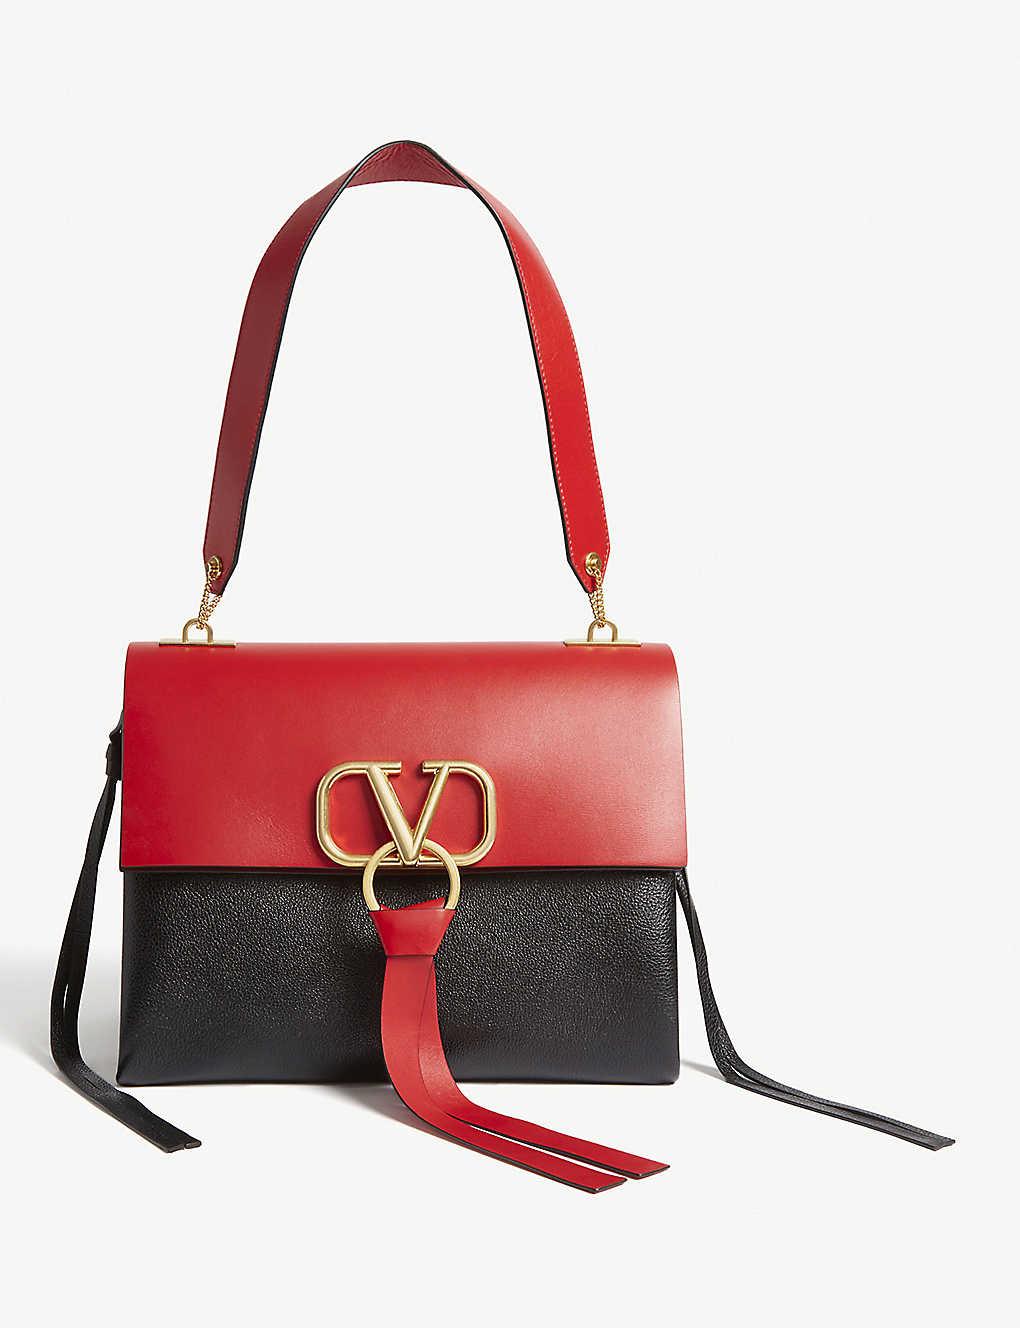 80ecfb1197d53 Vring leather shoulder bag bag - Blackred ...